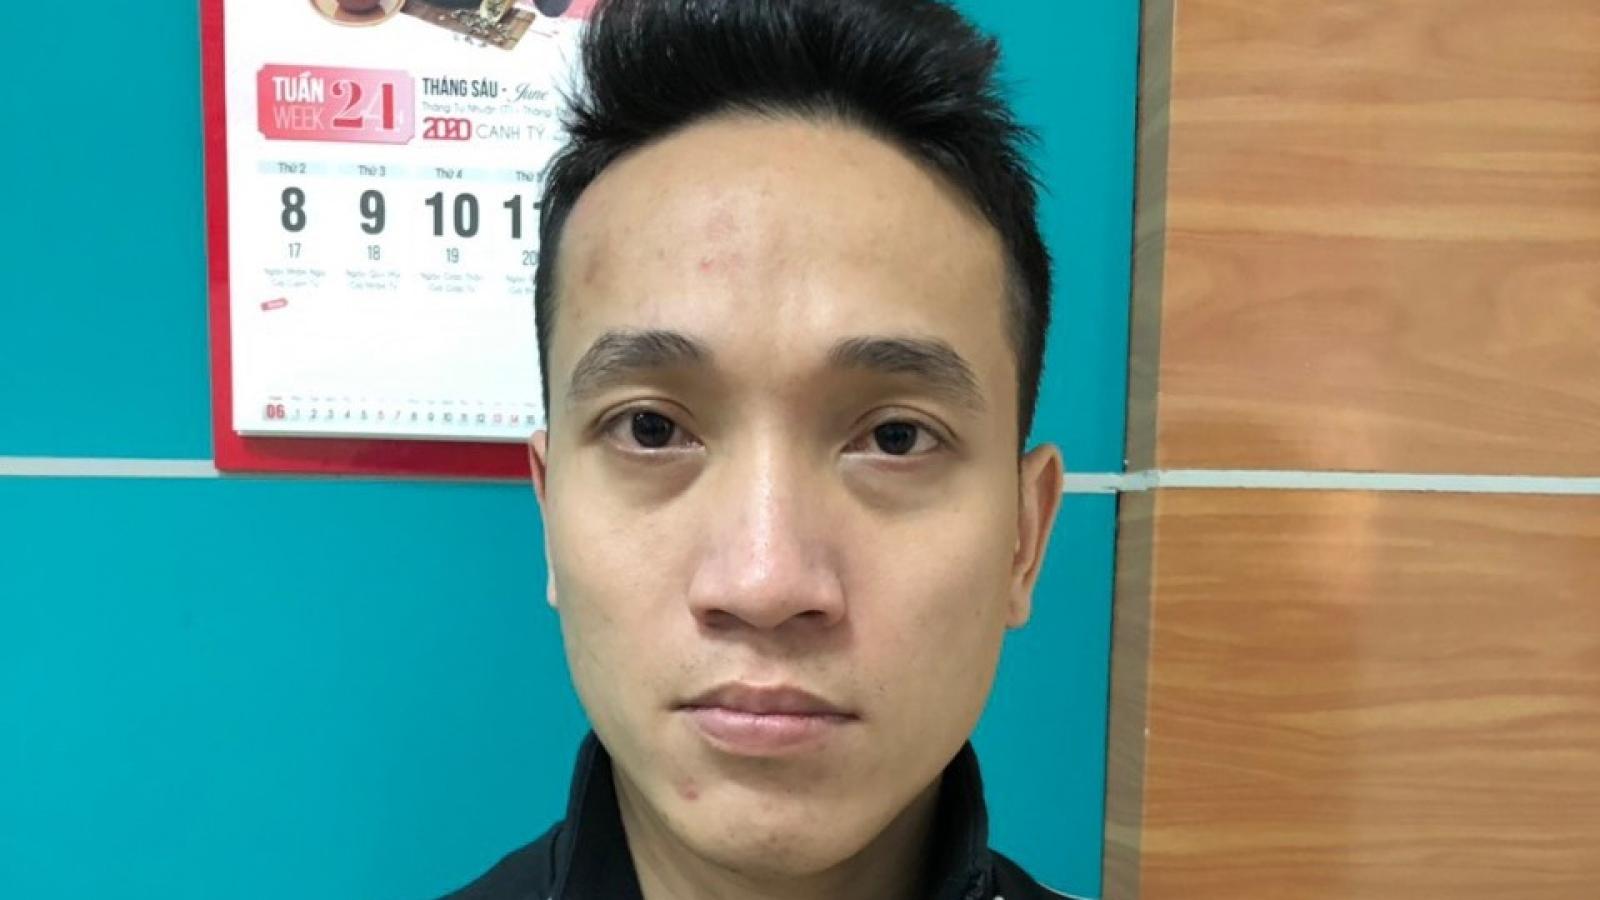 Bắtgiữ 1đối tượng truy nã đặc biệt nguy hiểm tại Quảng Ninh